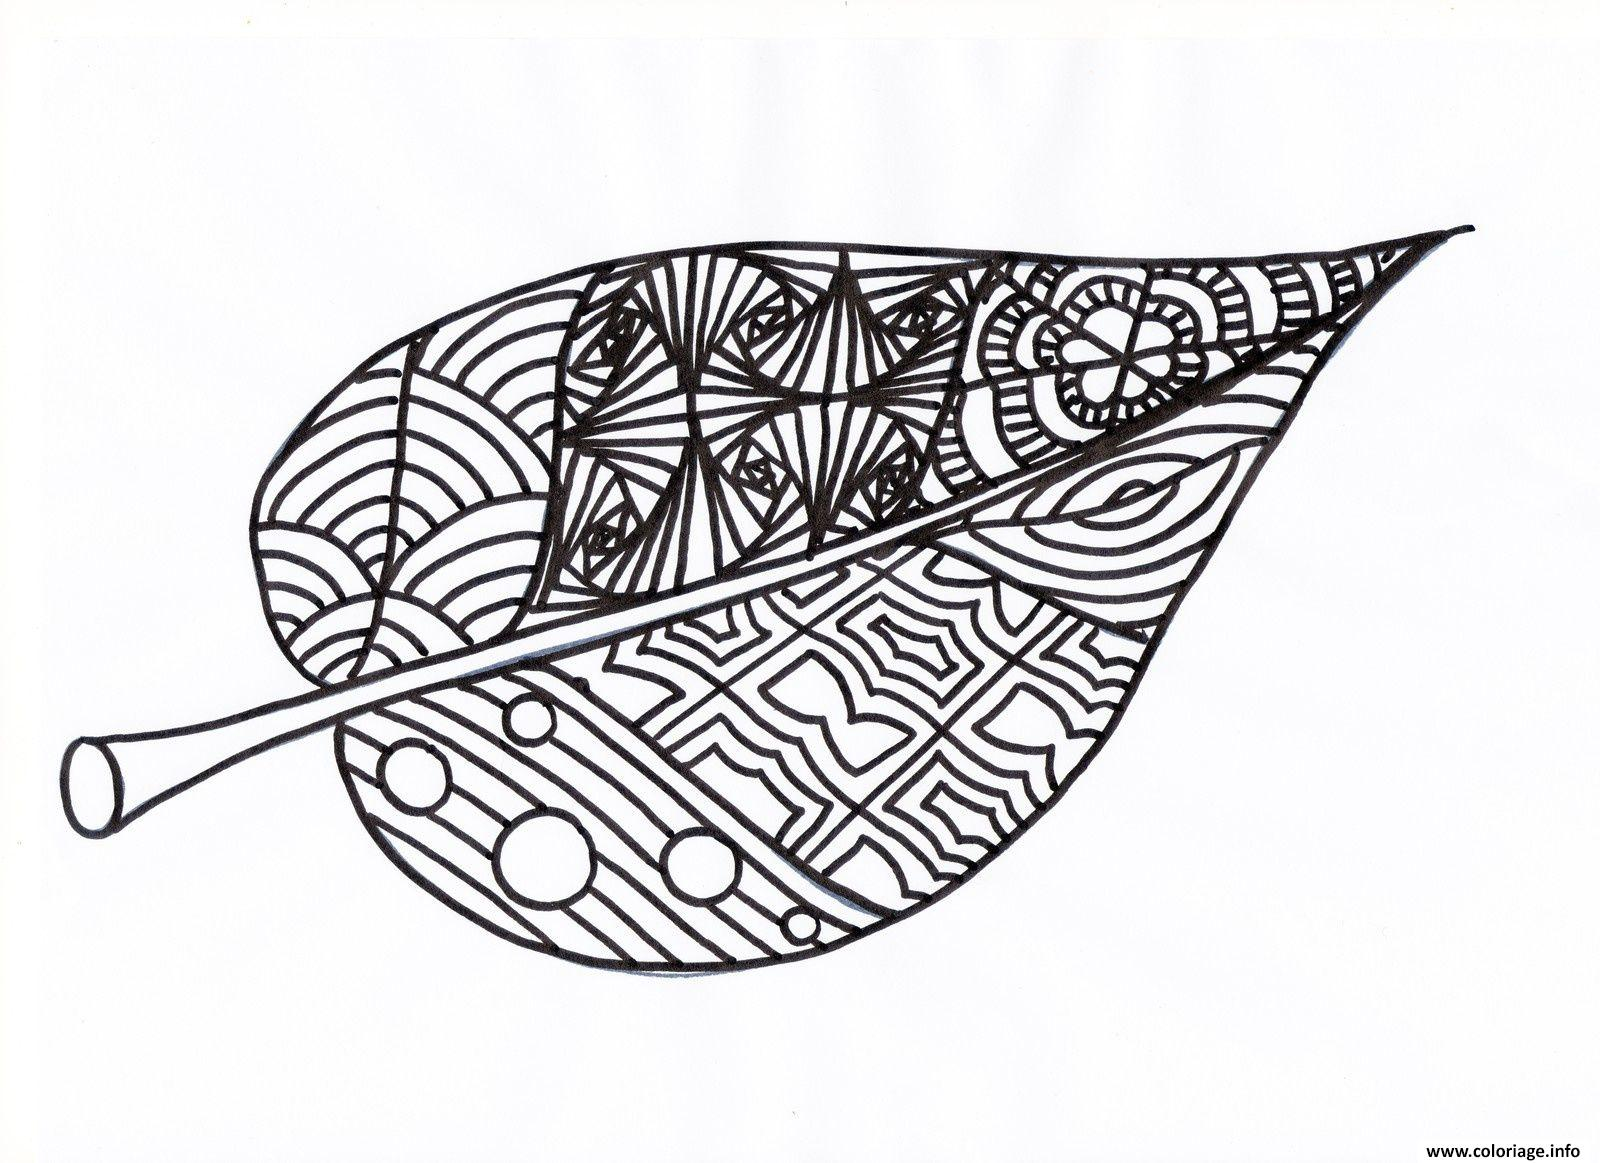 Coloriage feuille automne adulte - JeColorie.com